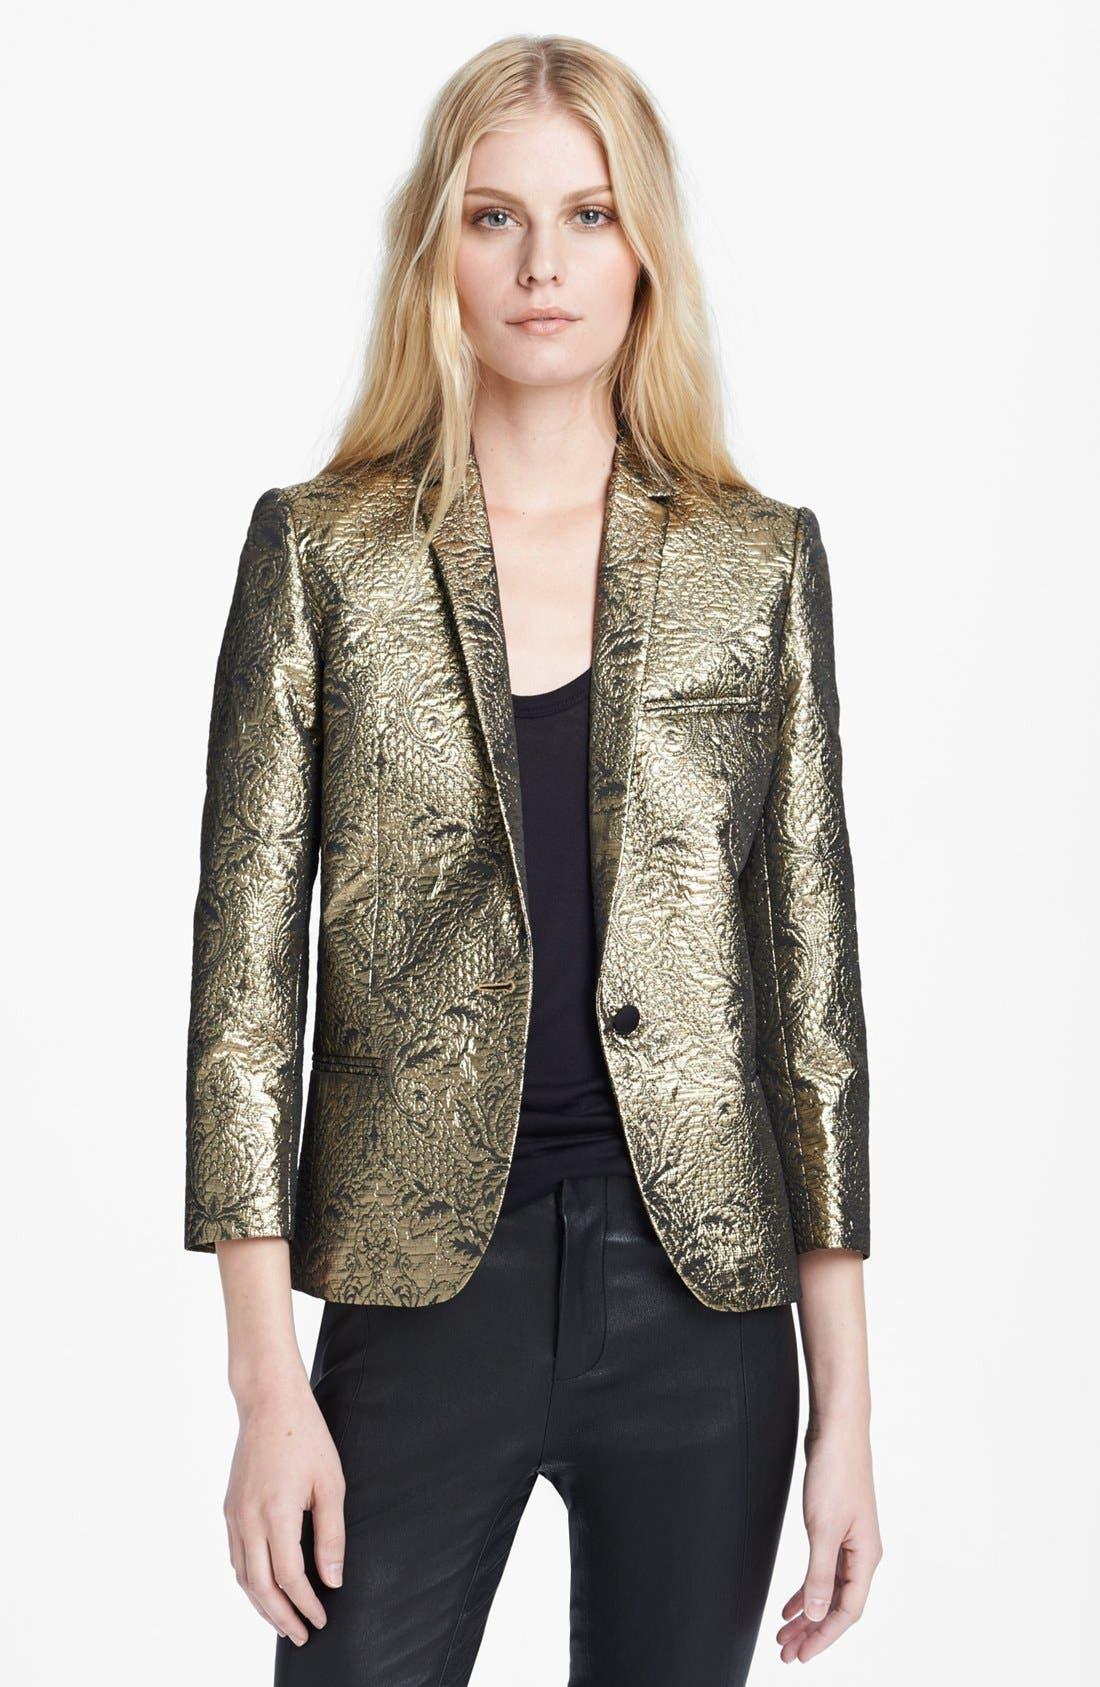 Alternate Image 1 Selected - Zadig & Voltaire 'Volta' Metallic Brocade Jacket